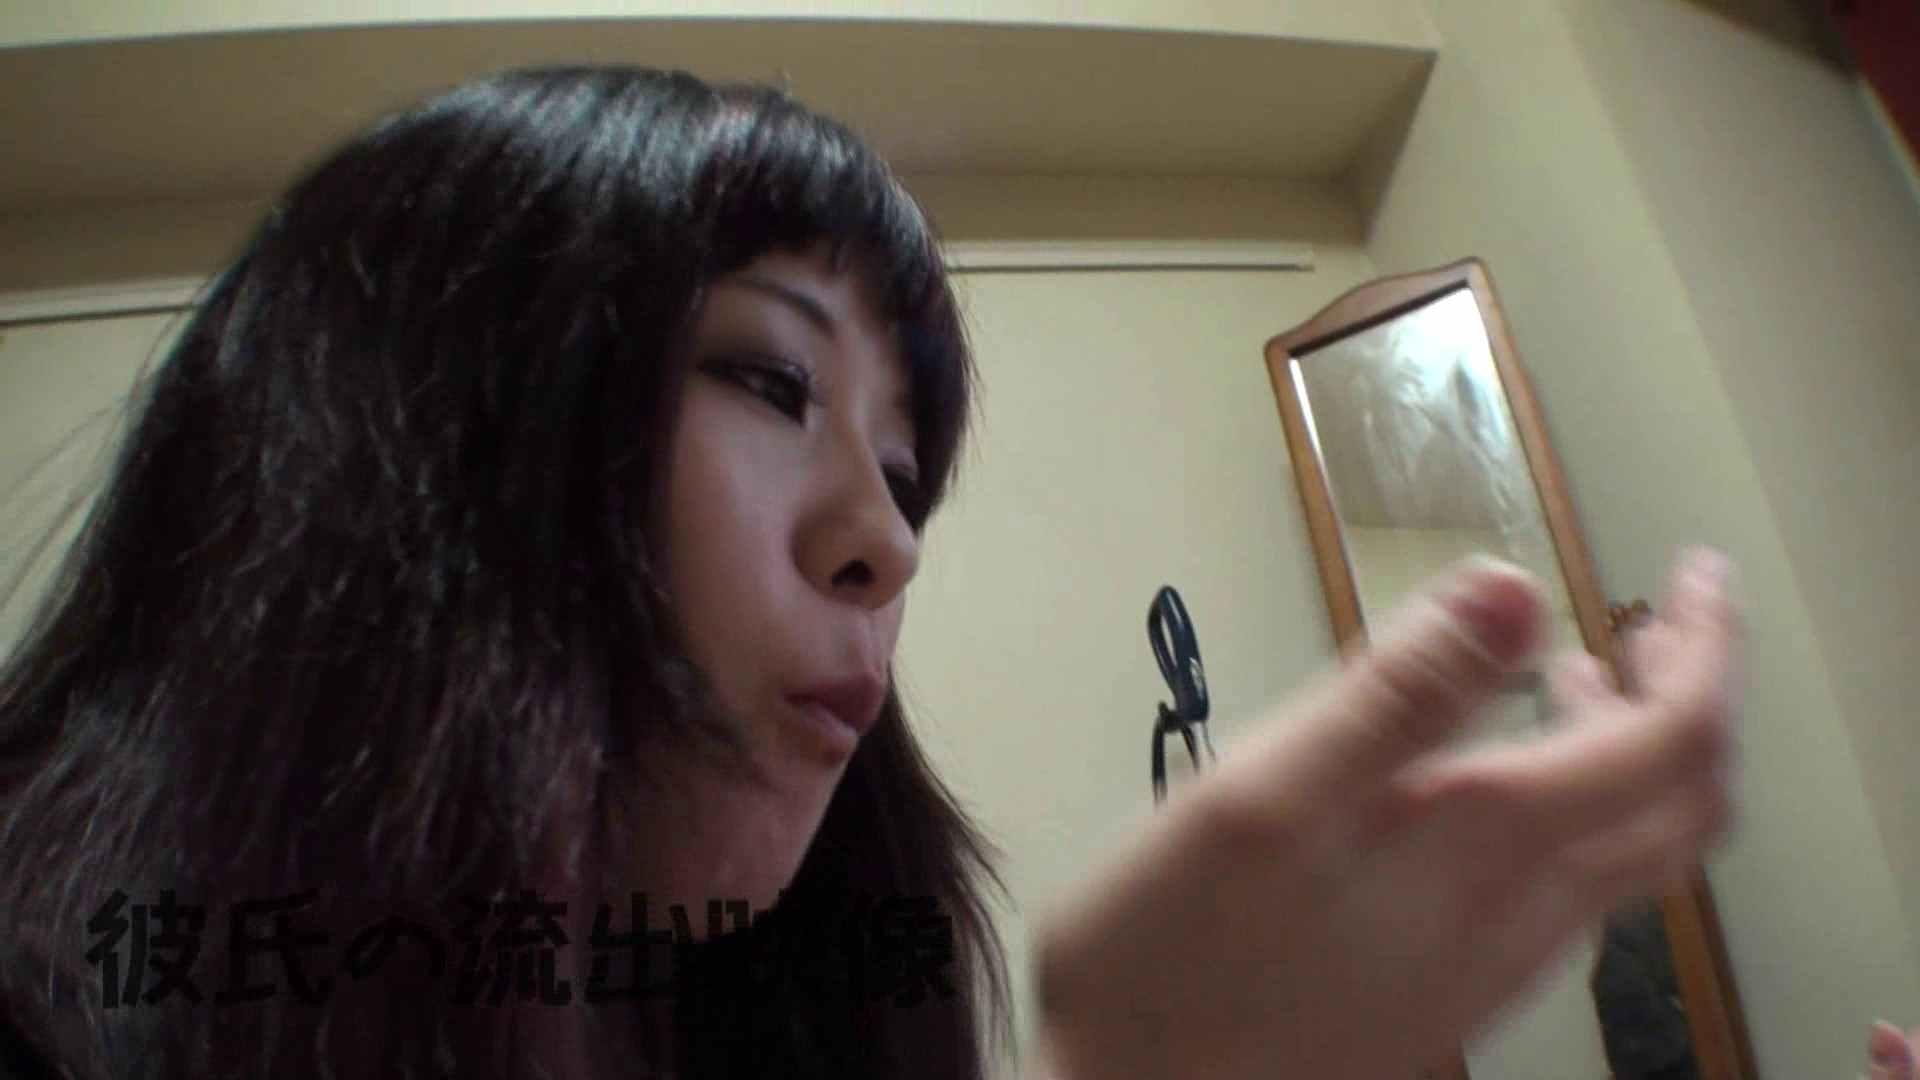 彼氏が流出 パイパン素人嬢のハメ撮り映像04 一般投稿  82連発 24